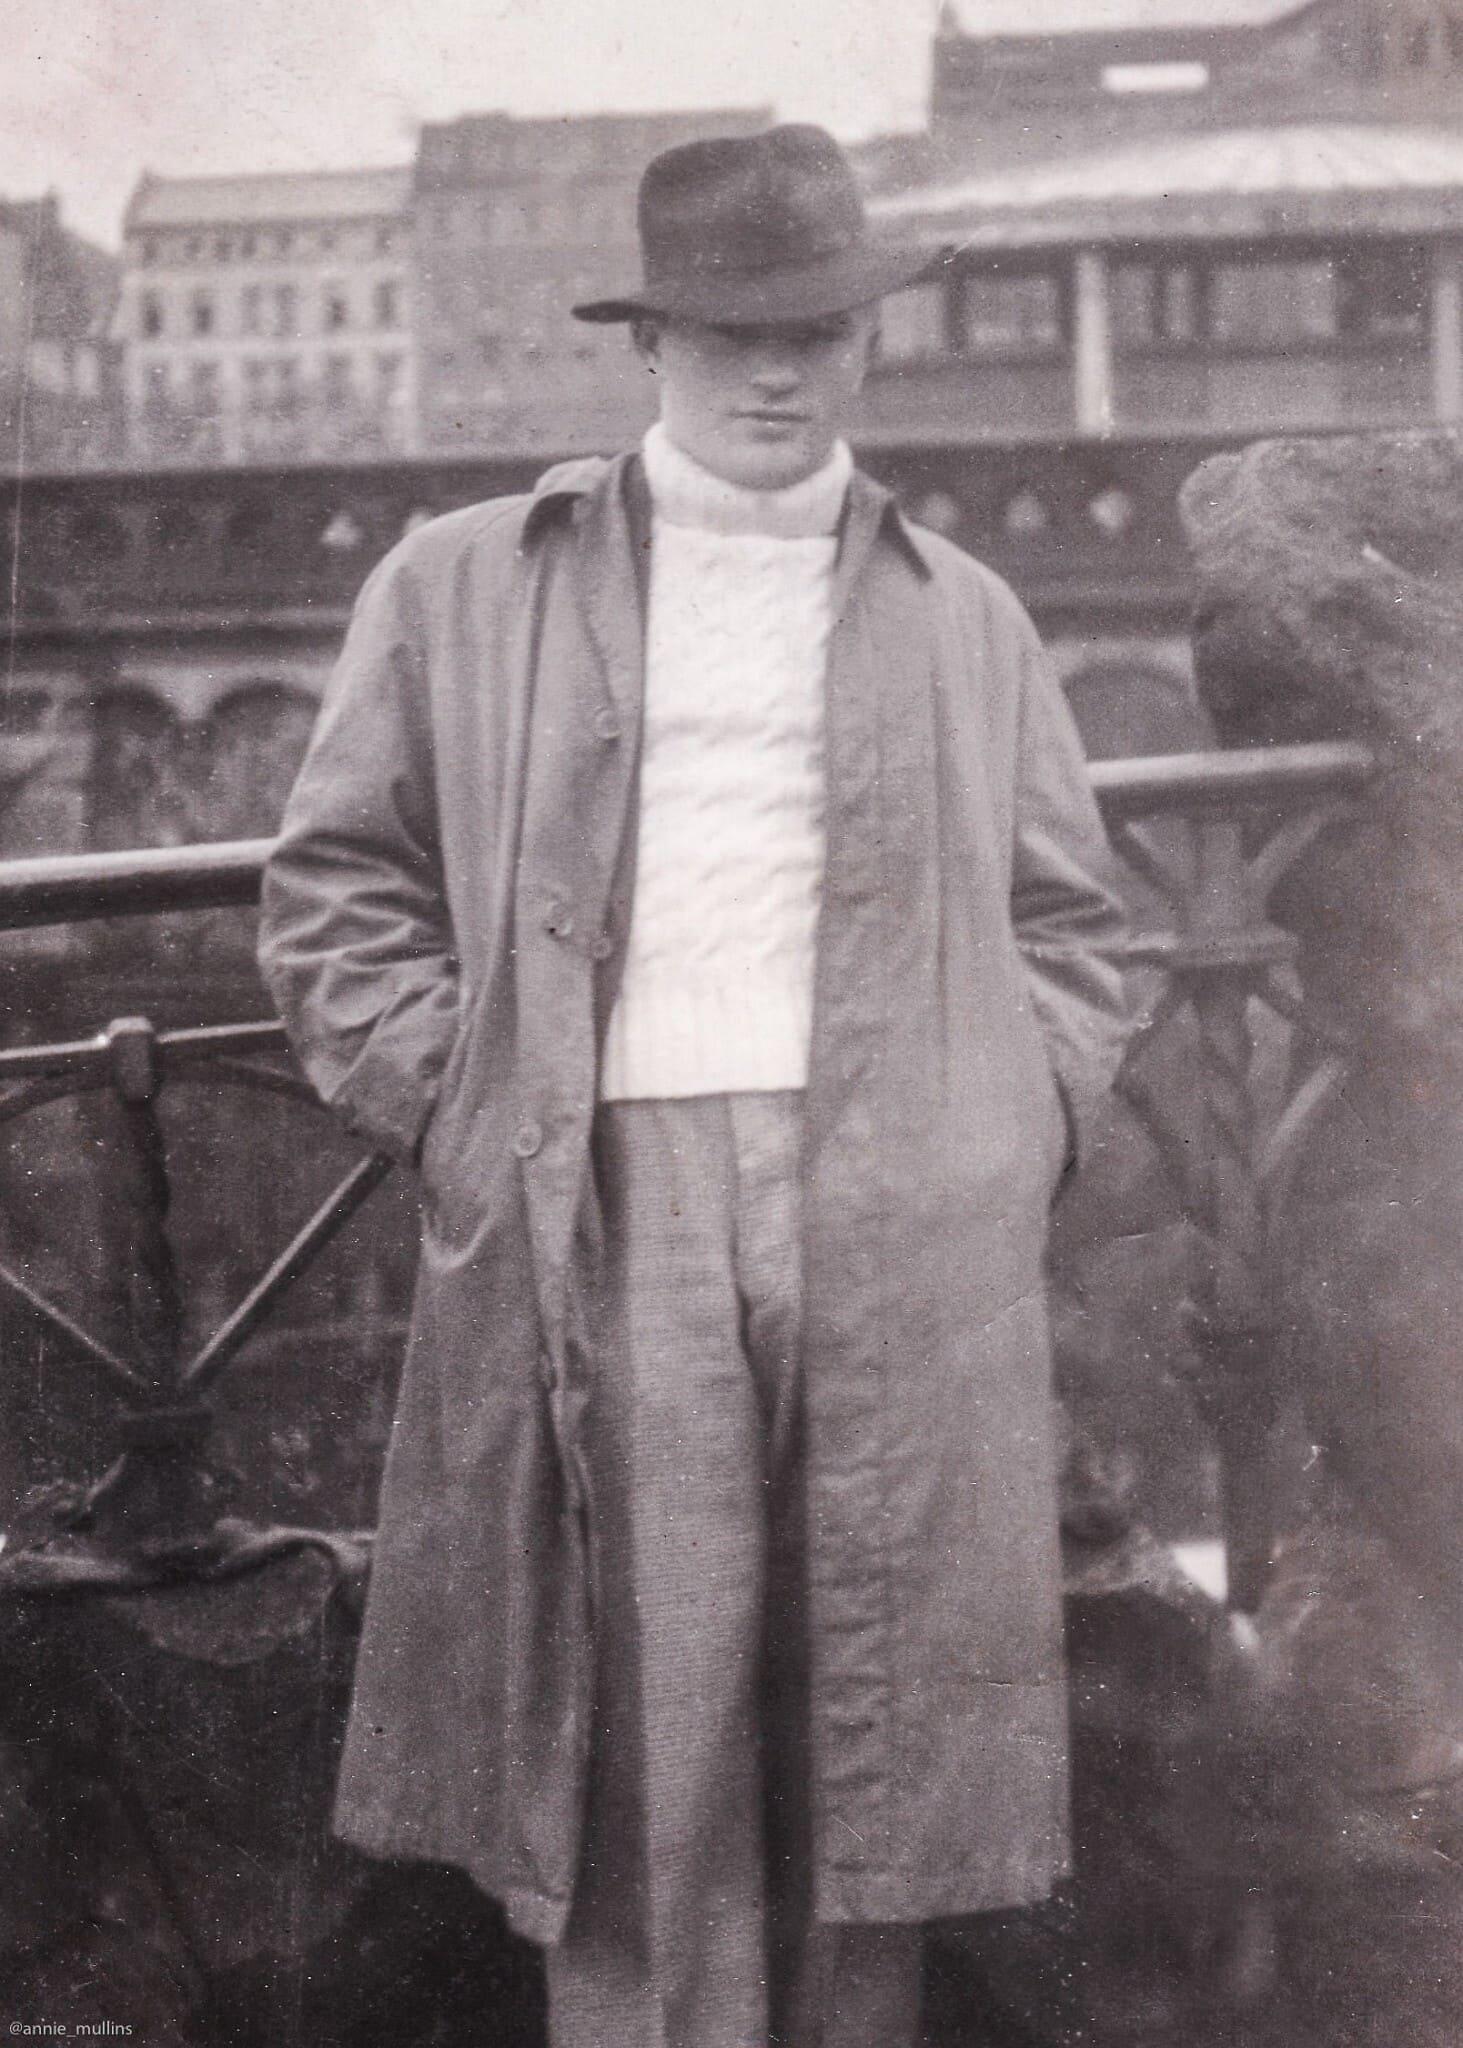 חיים הירשמן (הנרי קאר) בגרמניה ב-1946 (צילום: באדיבות ג'ון קאר)